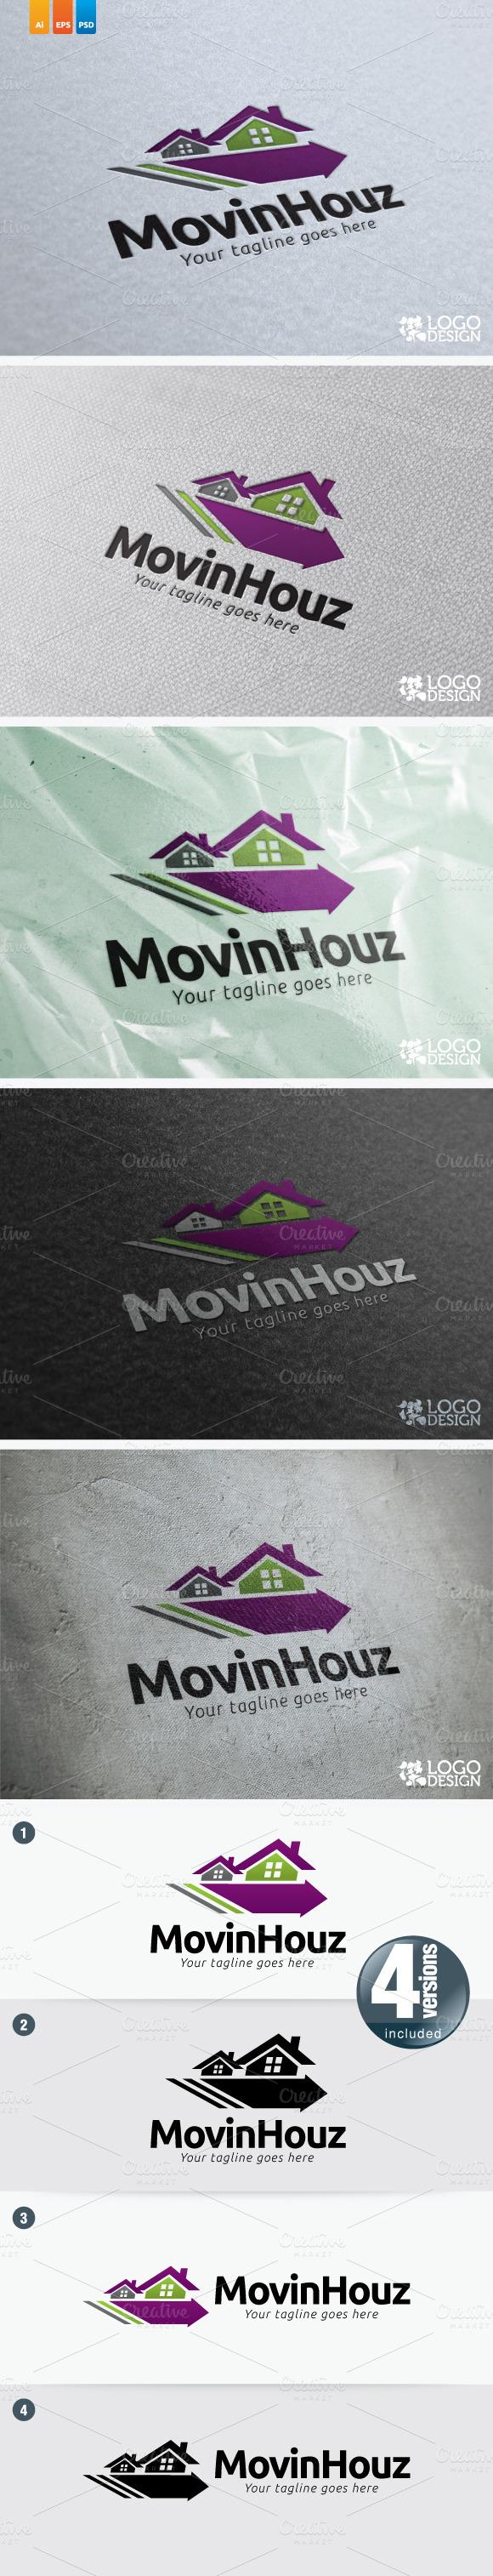 MovinHouz